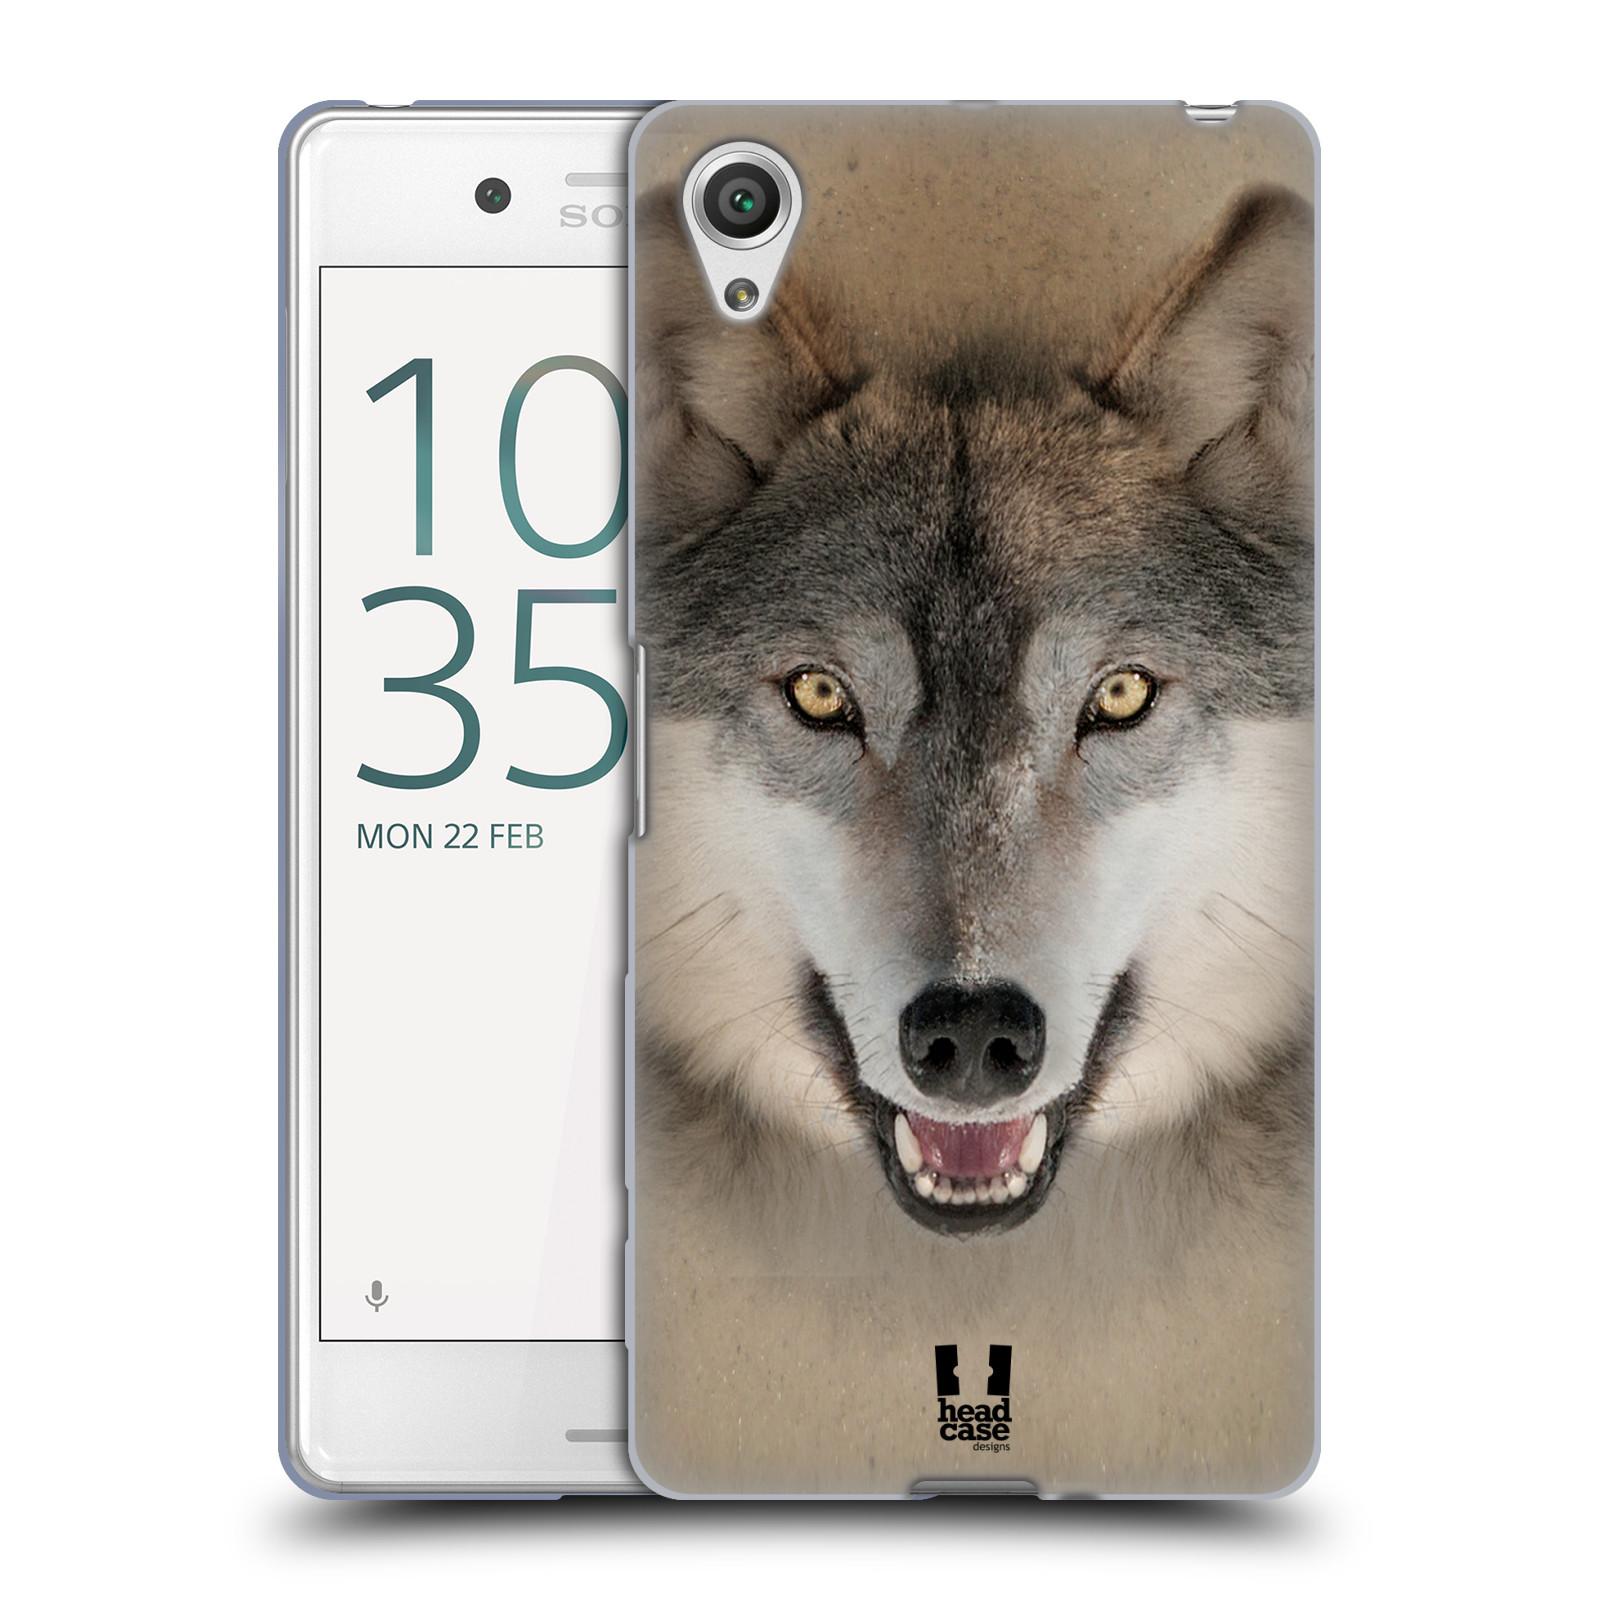 HEAD CASE silikonový obal na mobil Sony Xperia X PERFORMANCE (F8131, F8132) vzor Zvířecí tváře 2 vlk šedý